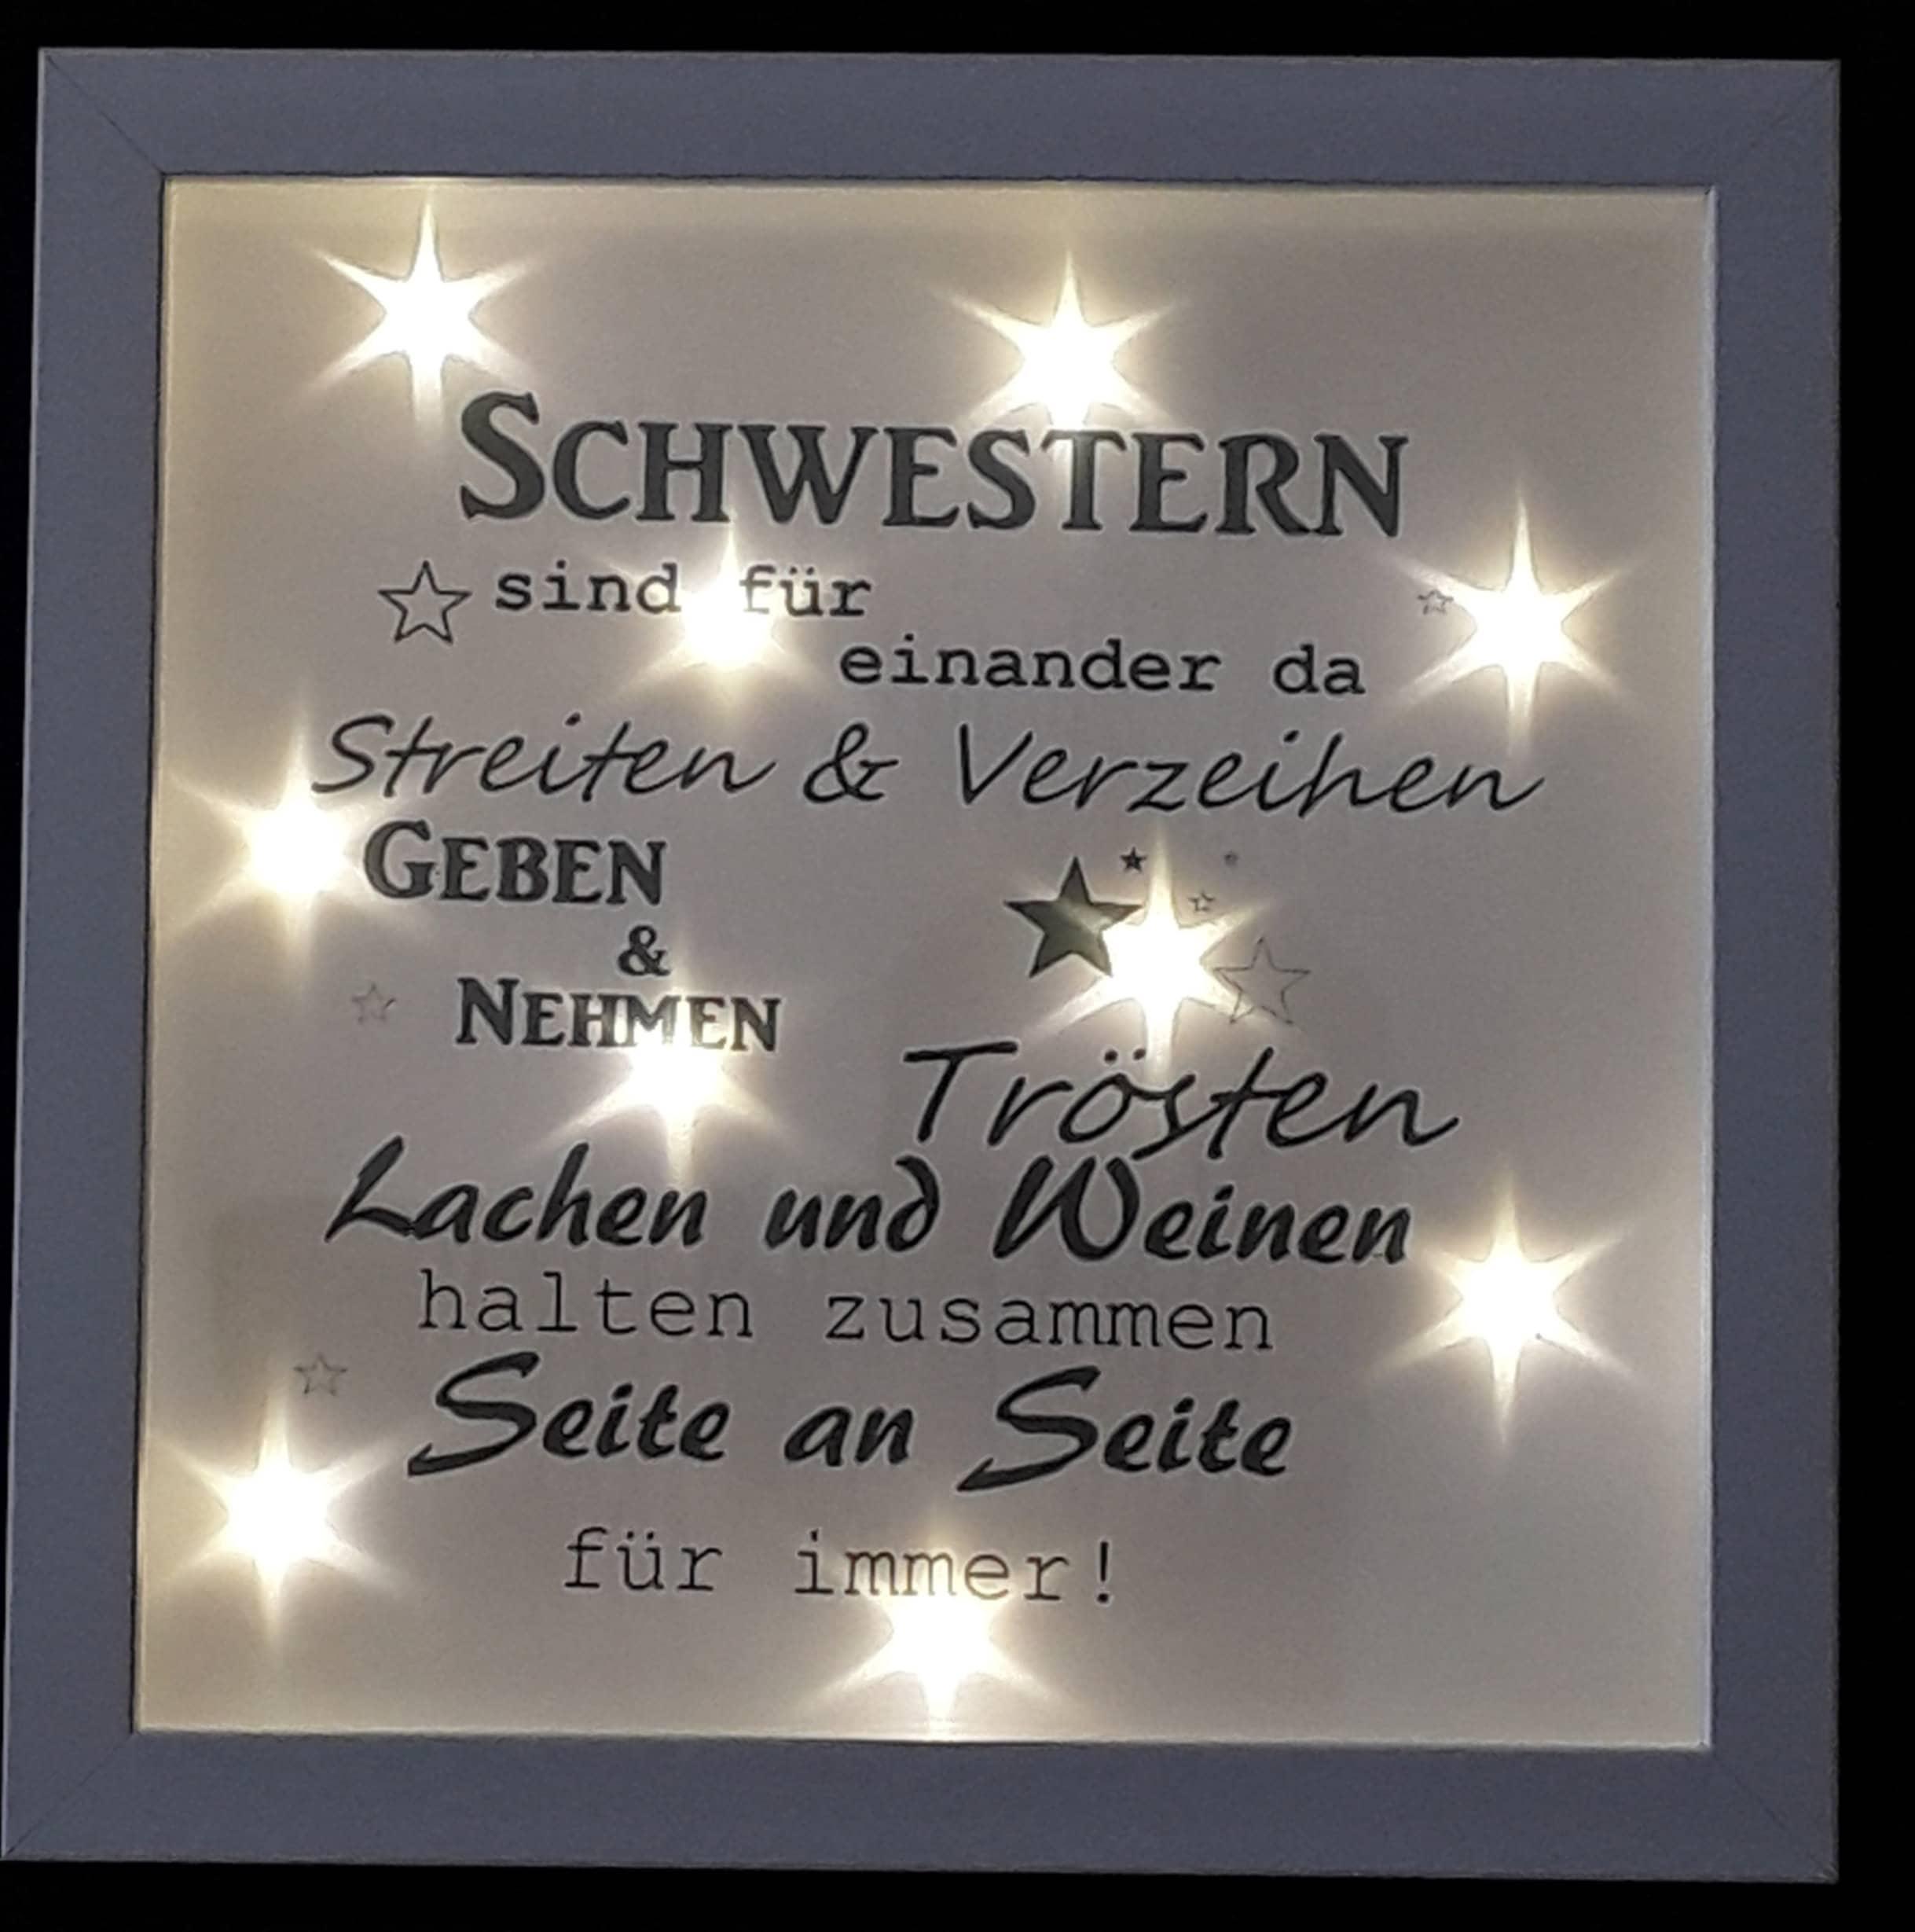 Bilderrahmen beleuchtet Schwestern Geschenk 518/27 | Etsy